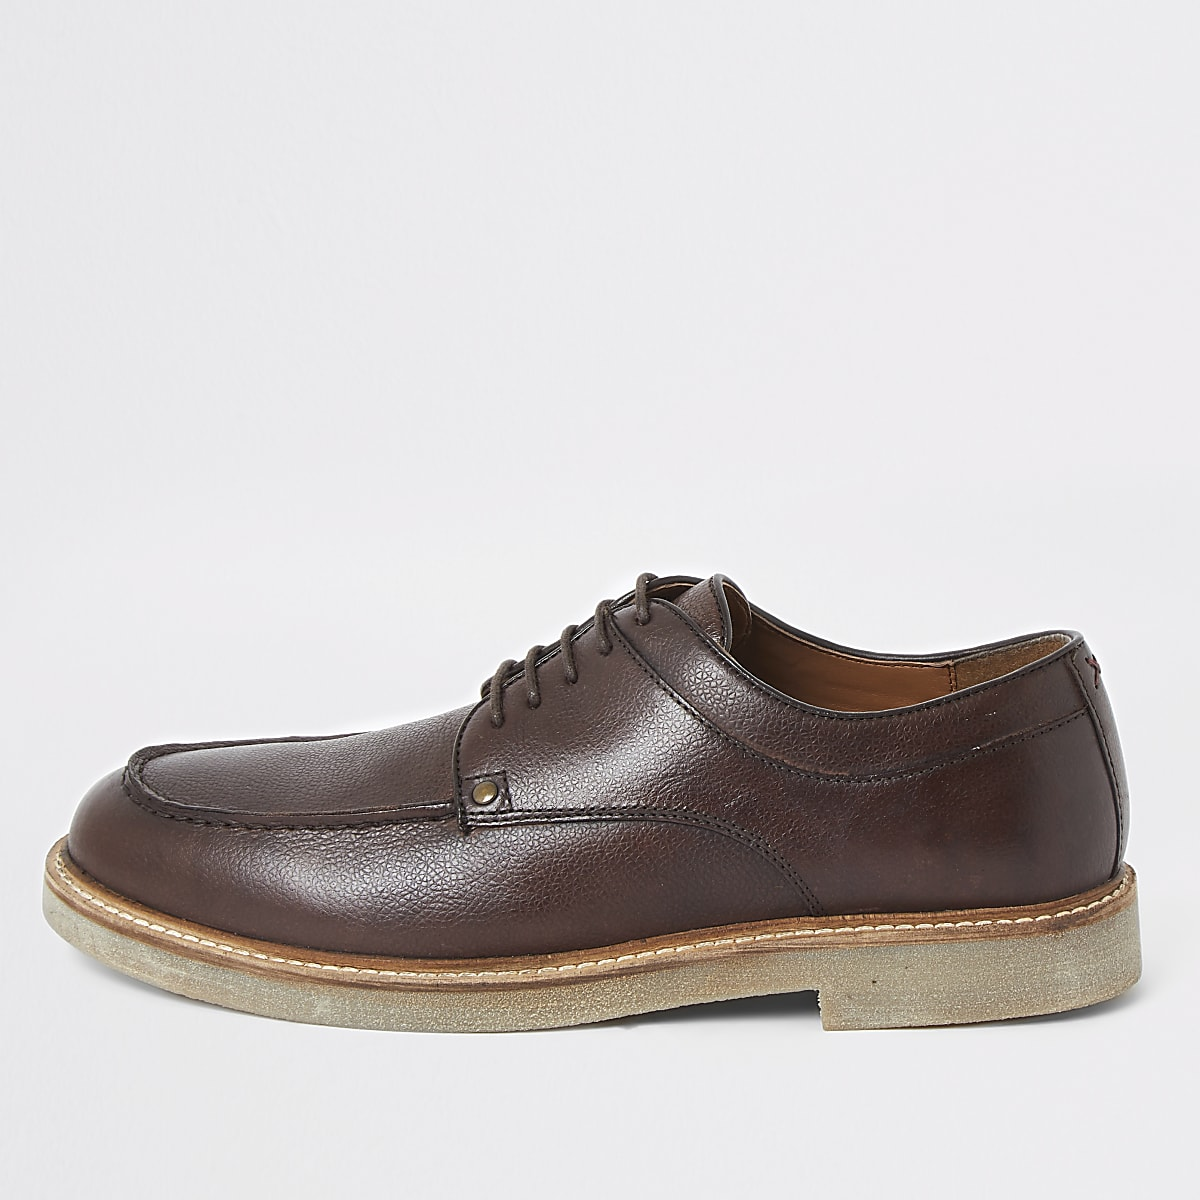 Chaussures en cuirmarron foncé à lacets